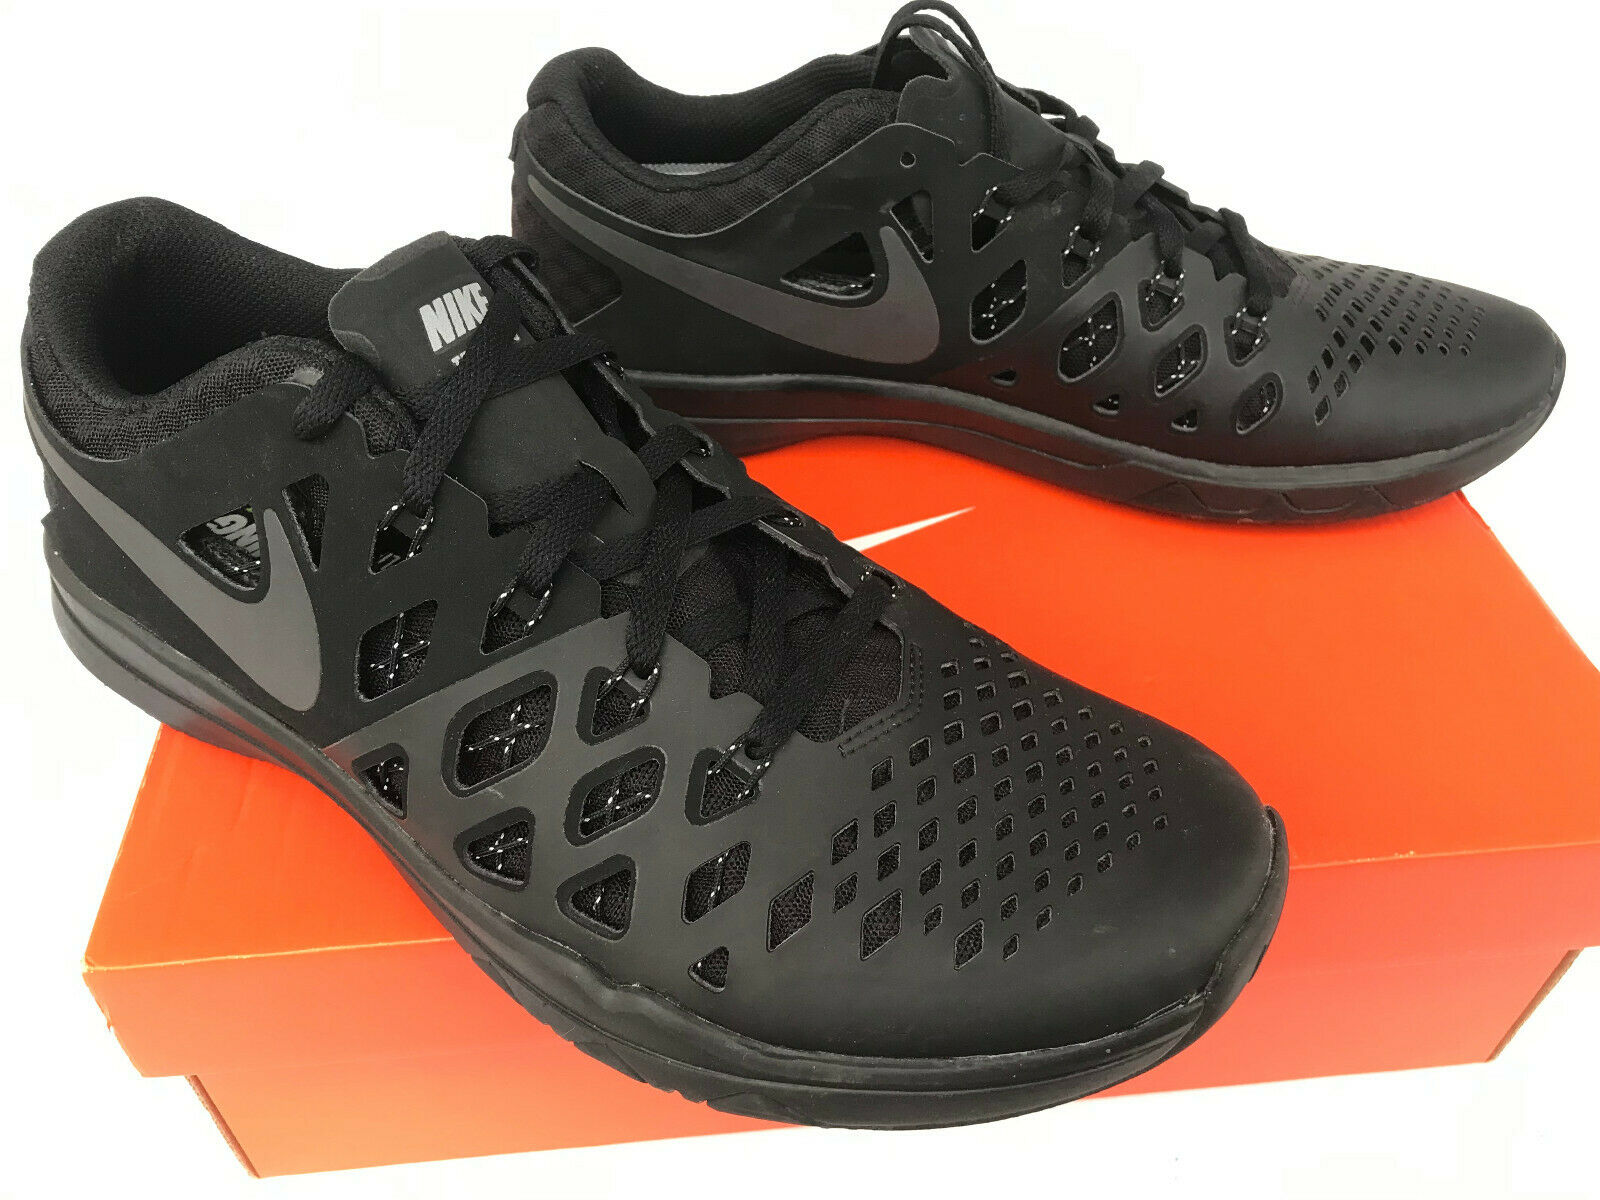 Nike Train Speed 4 Murdered 843937-004 Ninja Training Running shoes Men's 9.5